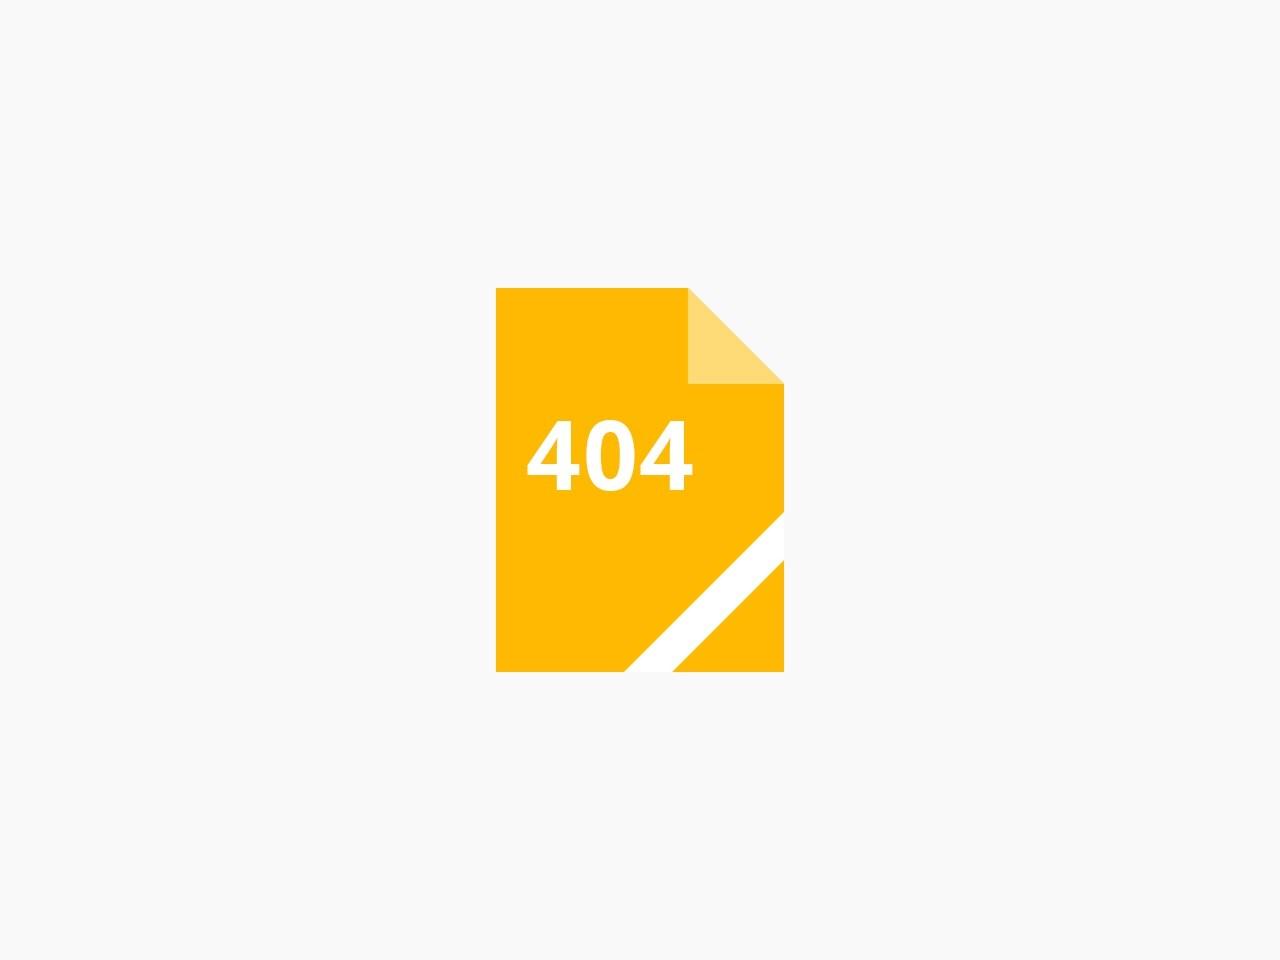 452教程网